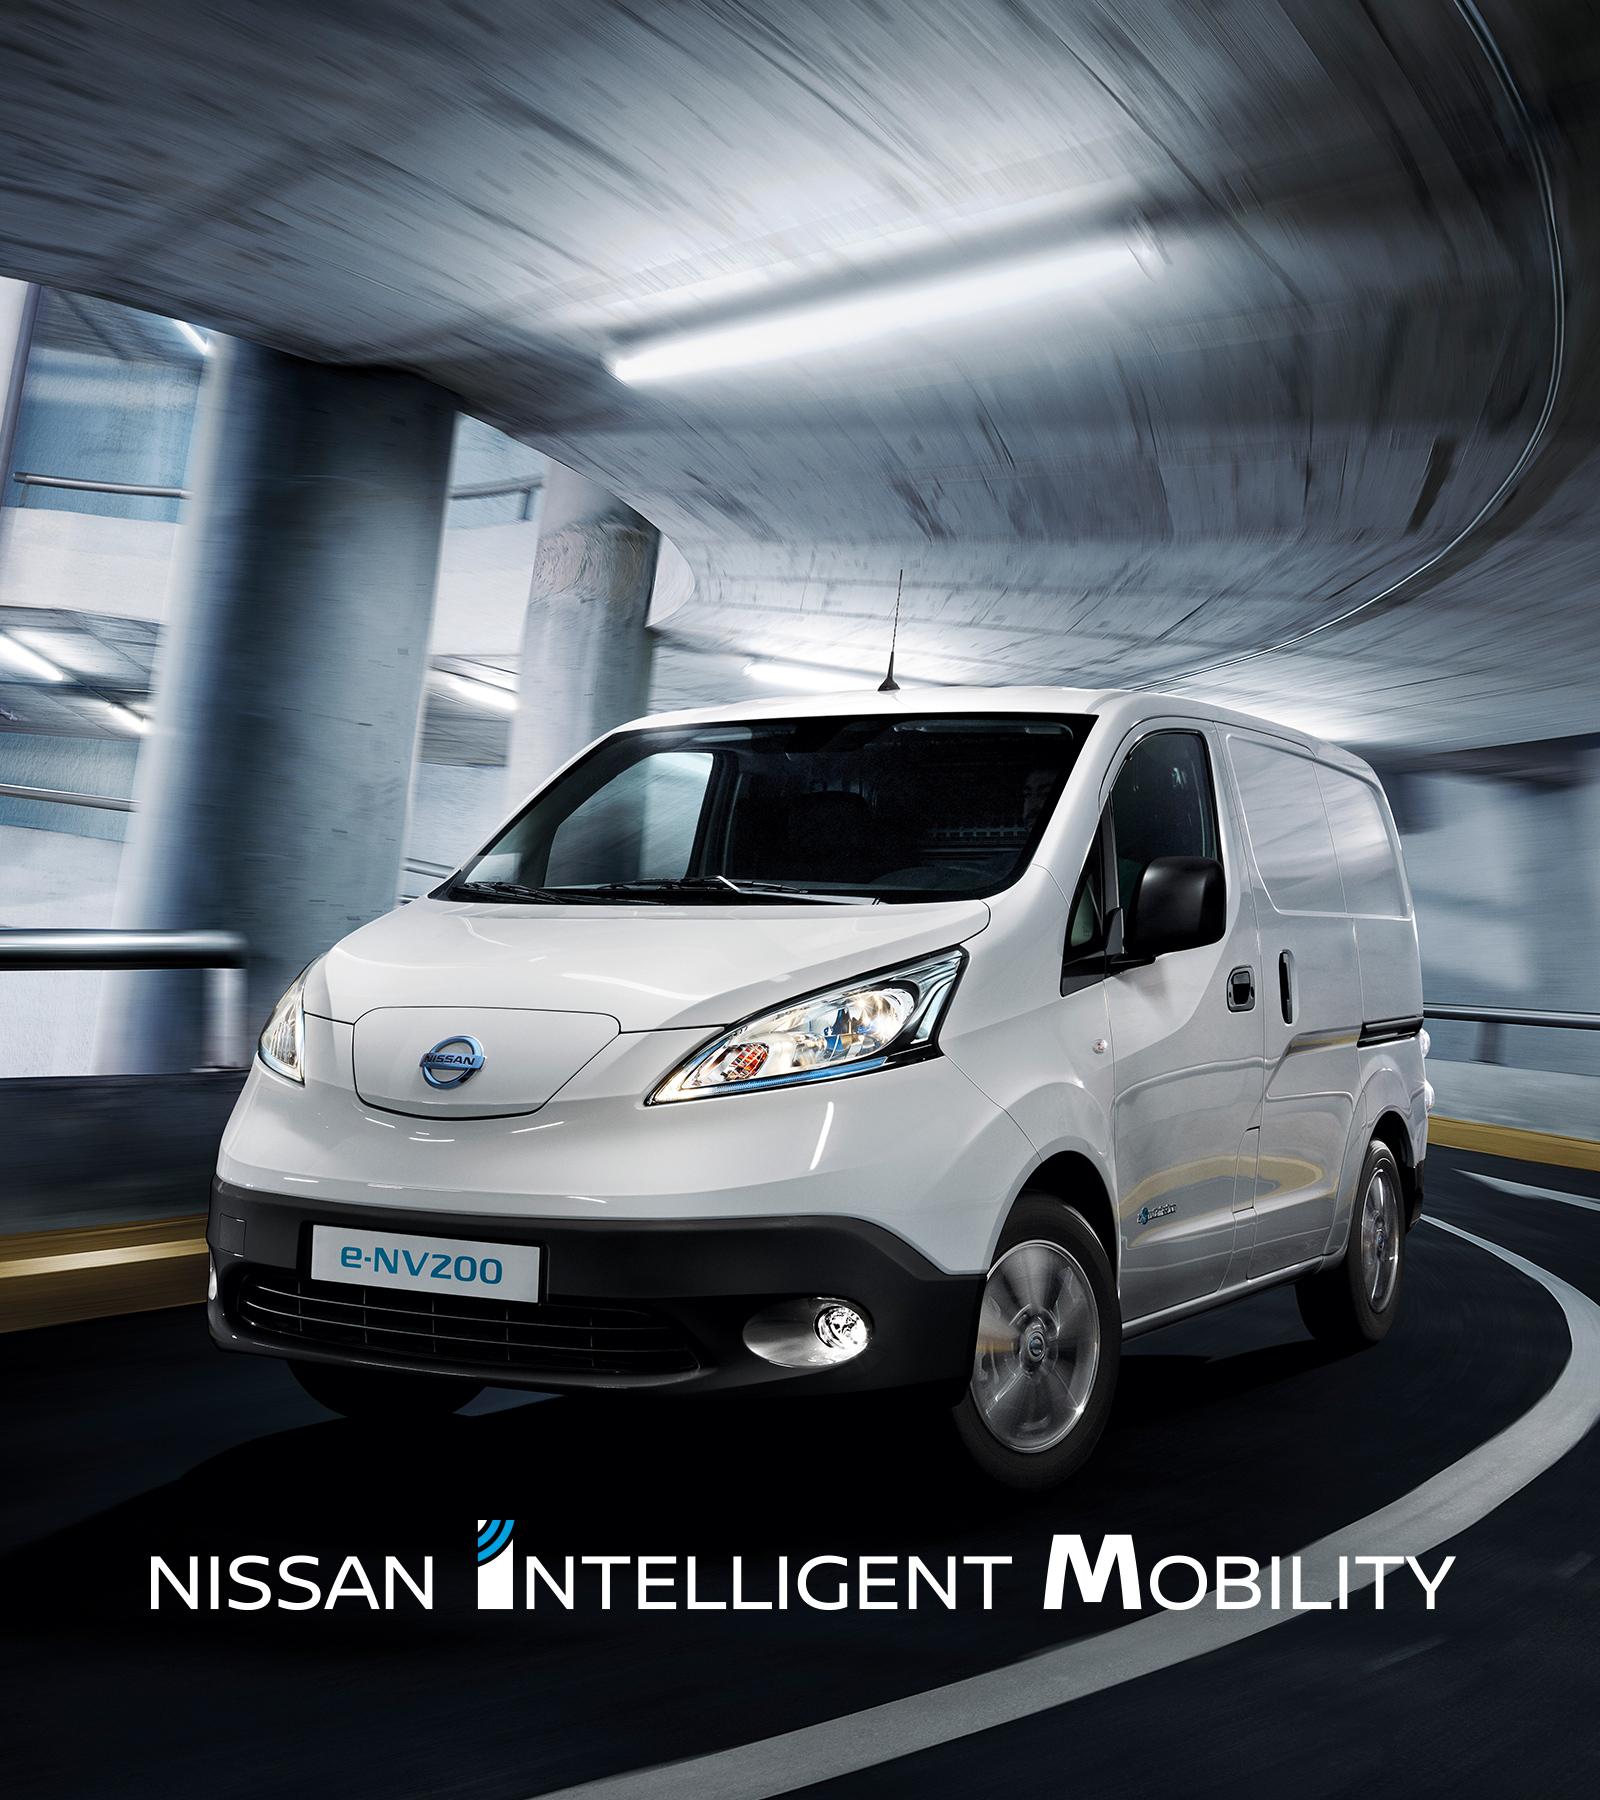 online retailer 3c514 330bc Nouveau Nissan e-NV200 circulant dans un parking